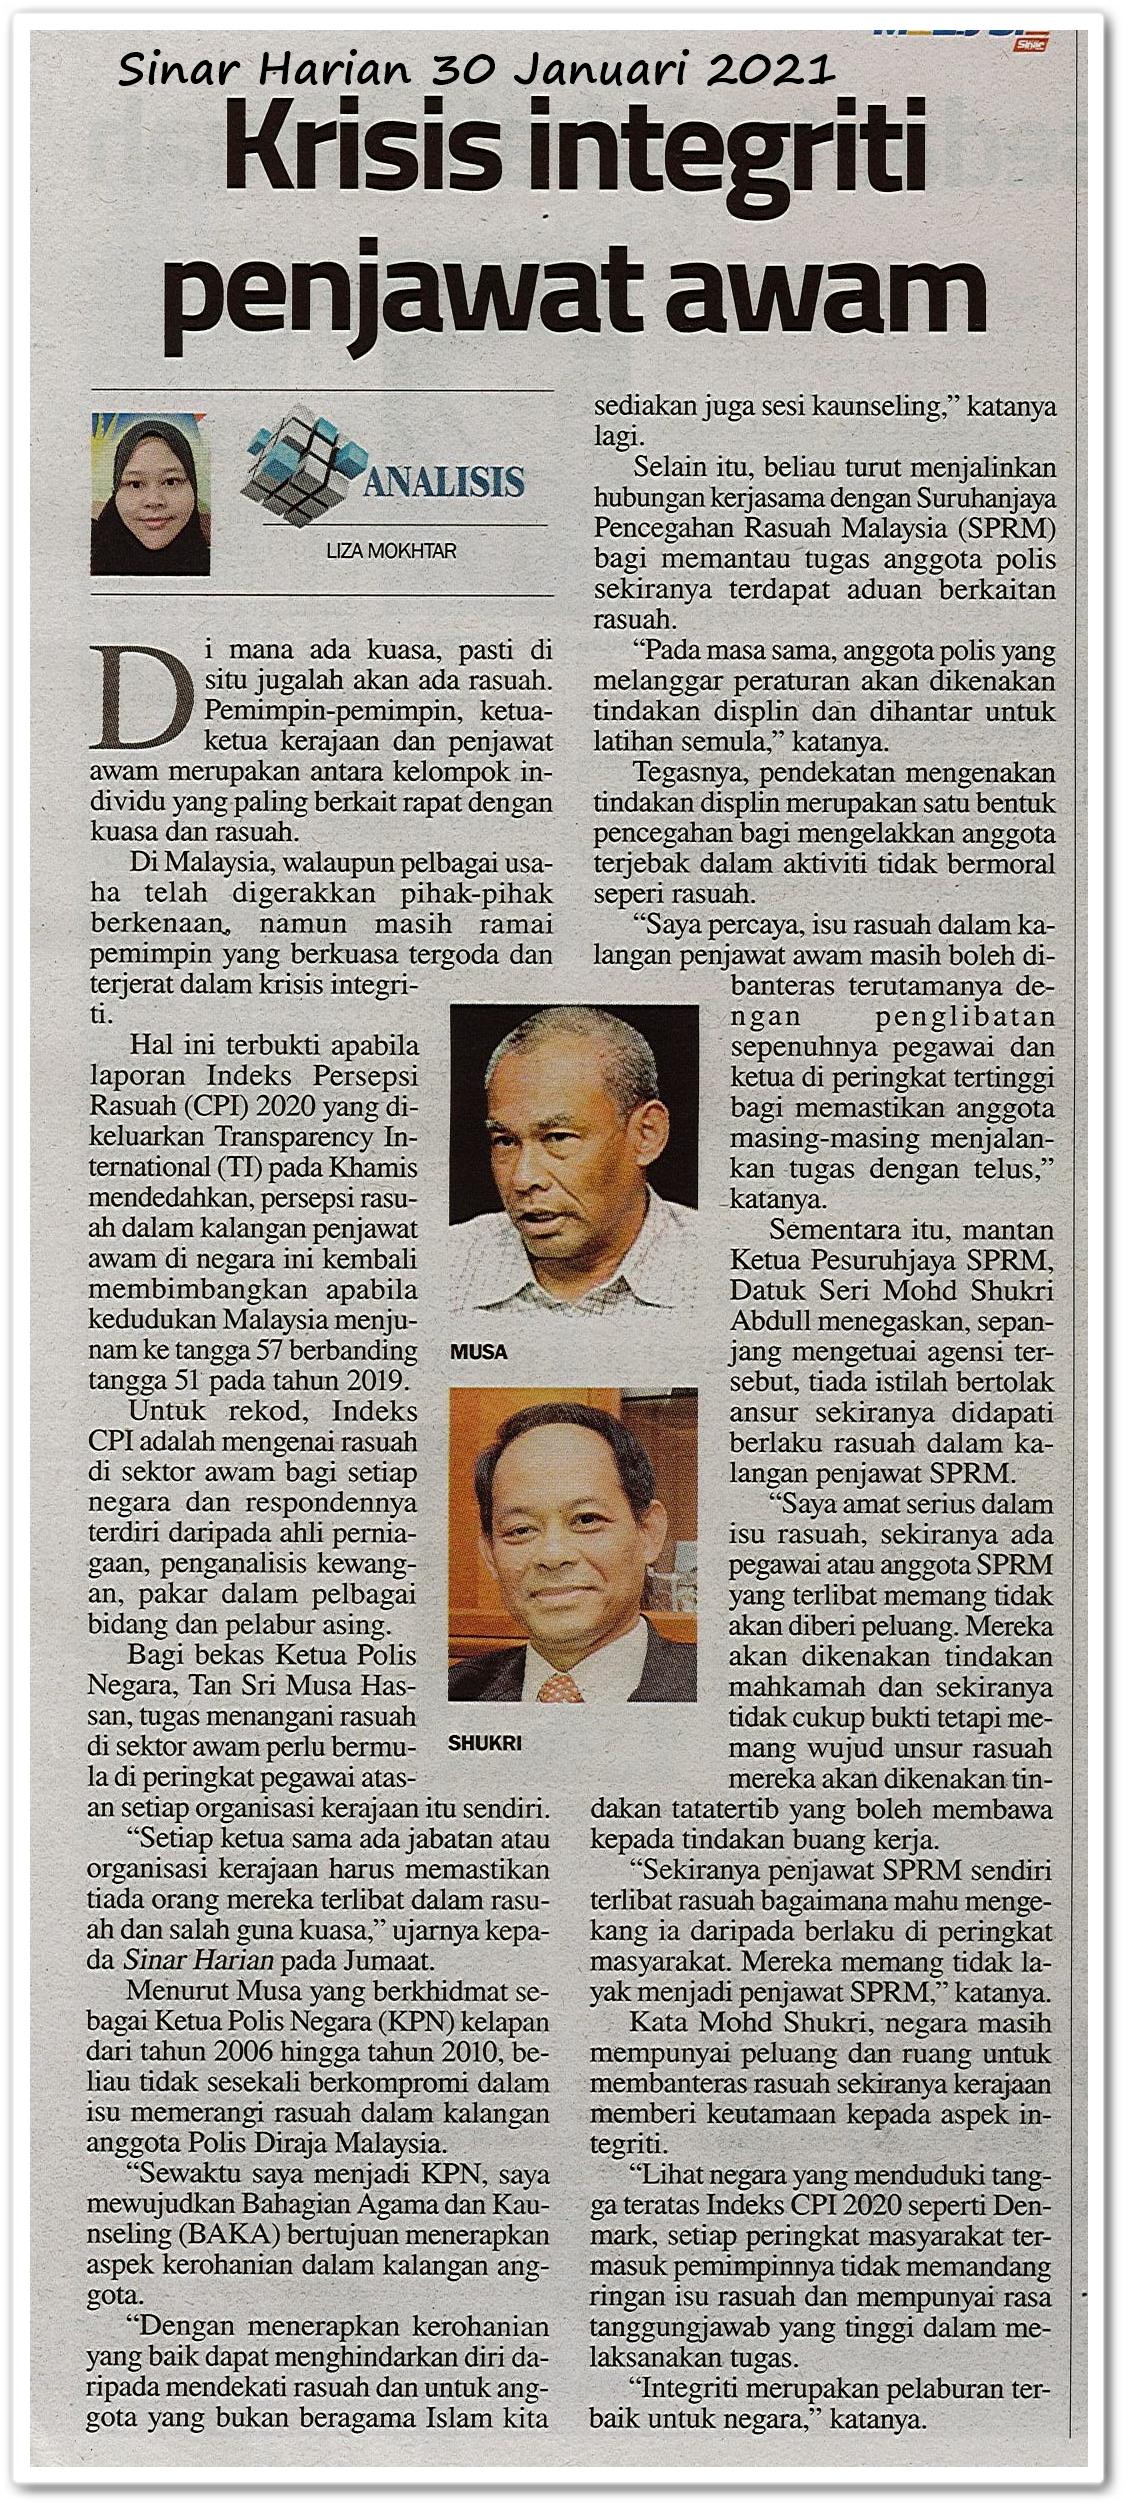 Krisis integriti penjawat awam - Keratan akhbar Sinar Harian 30 Januari 2021